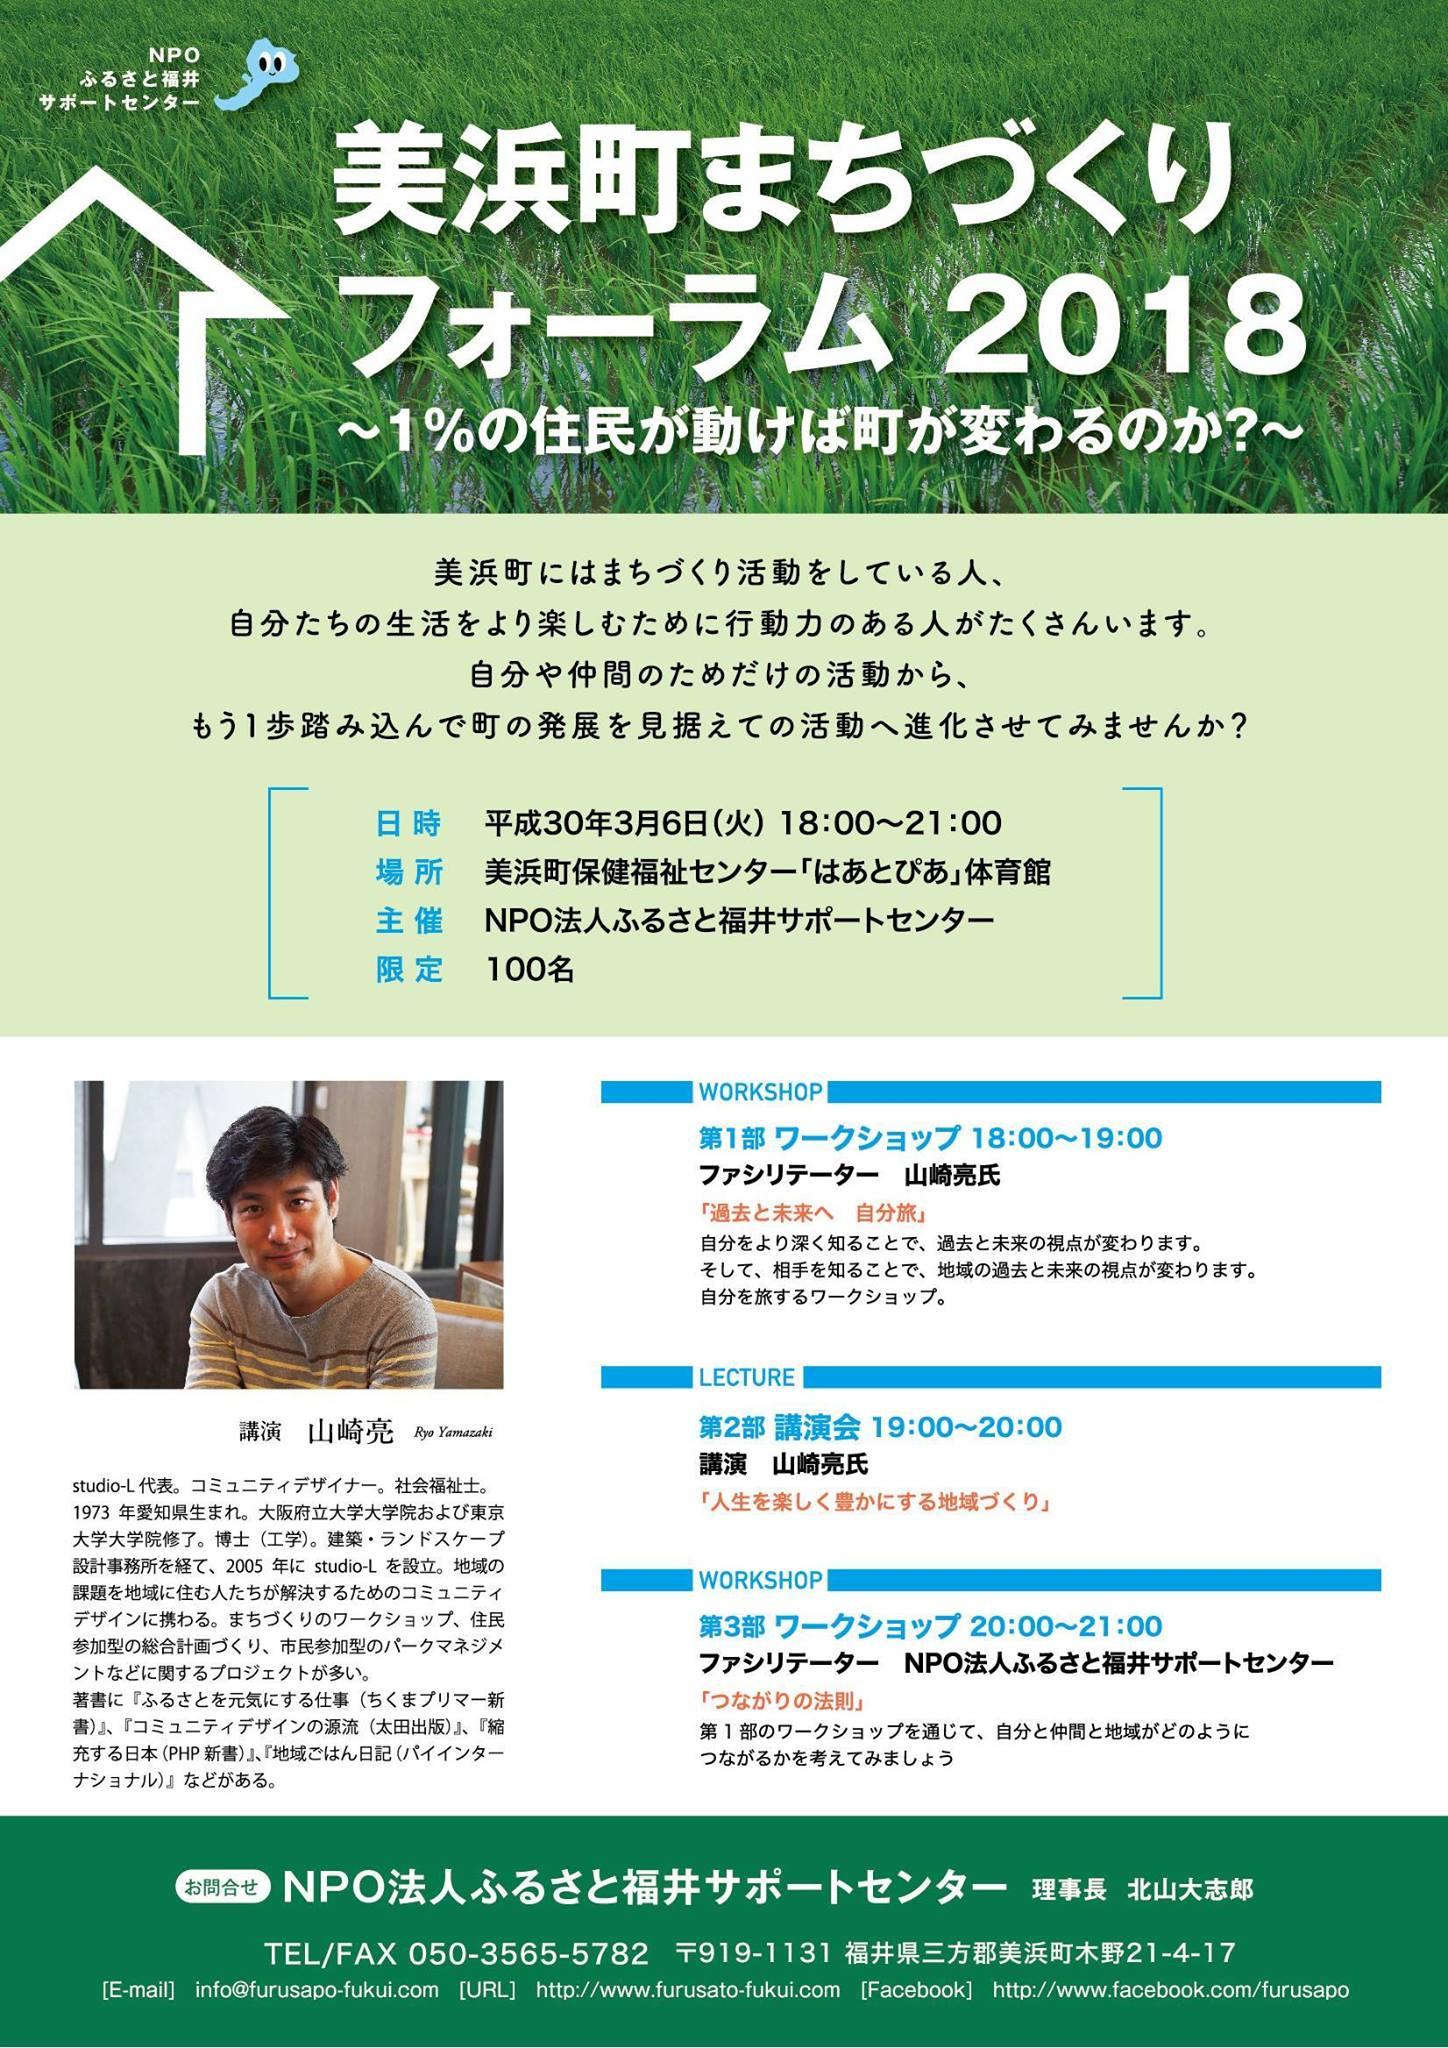 美浜町まちづくりフォーラム2018